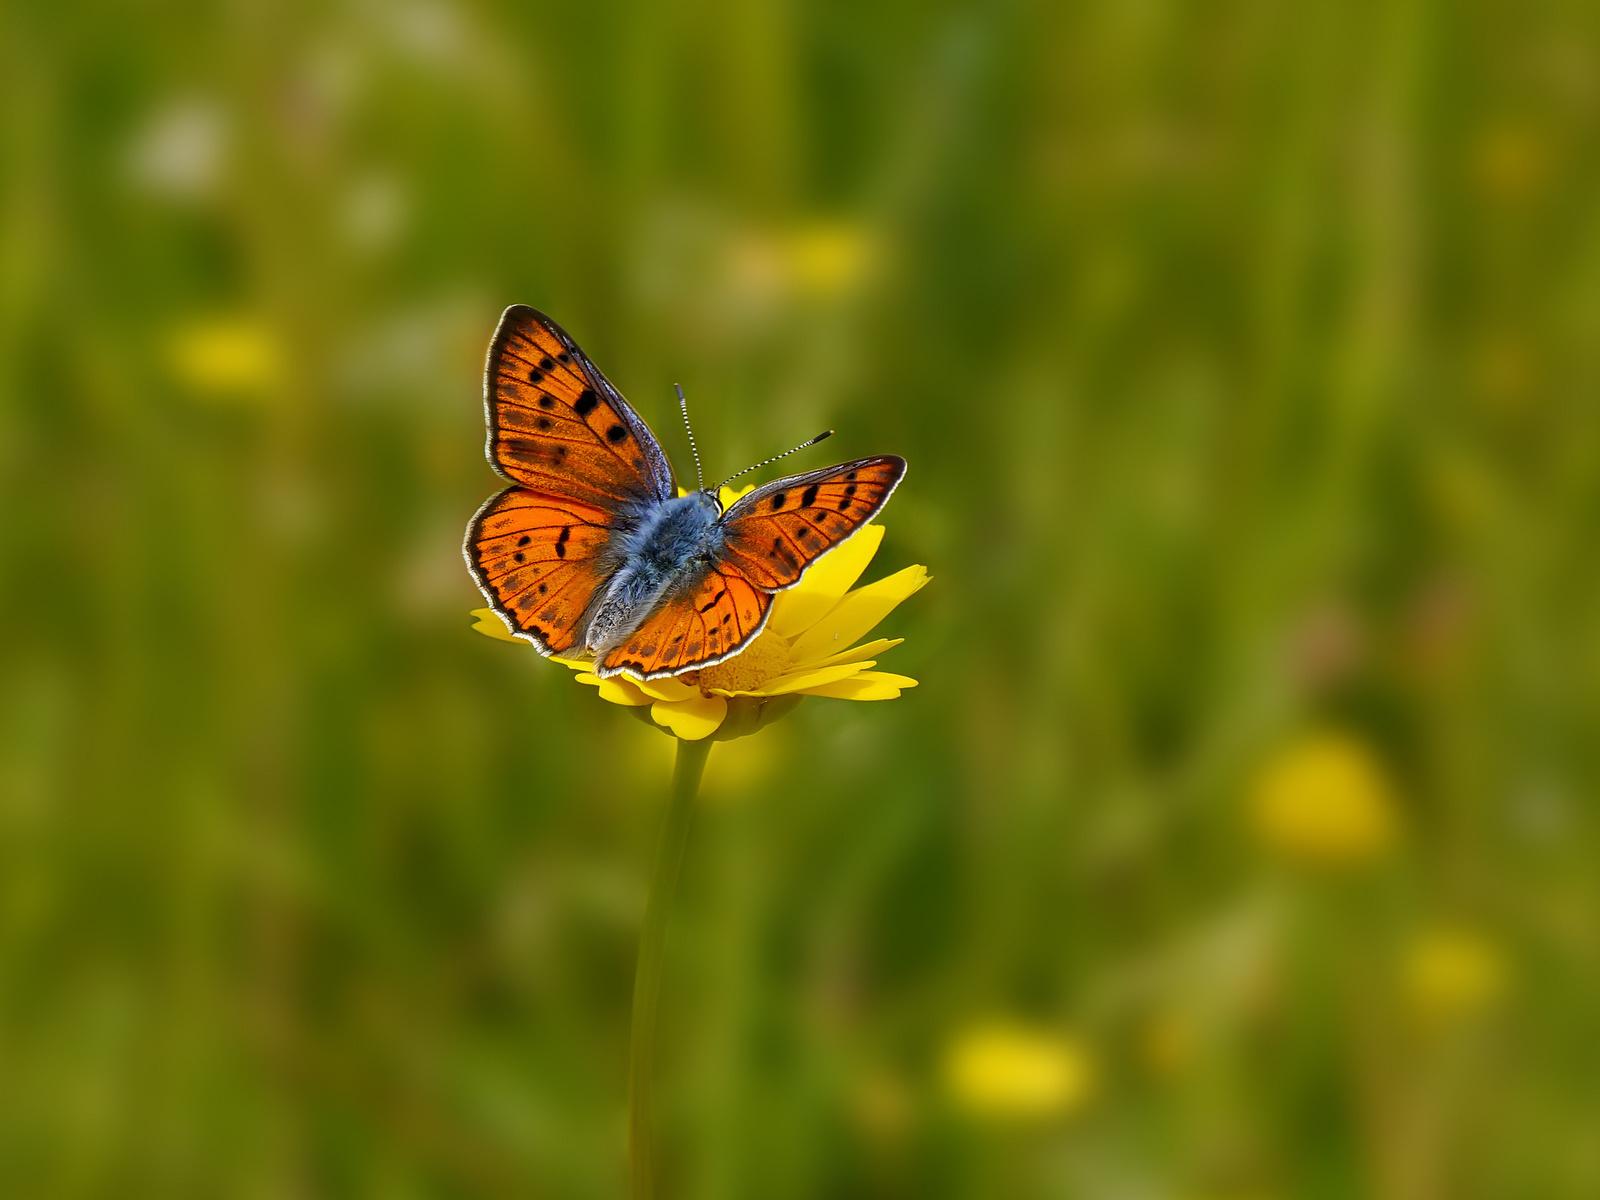 фон, бабочка, Поле, цветок, цветы, желтый